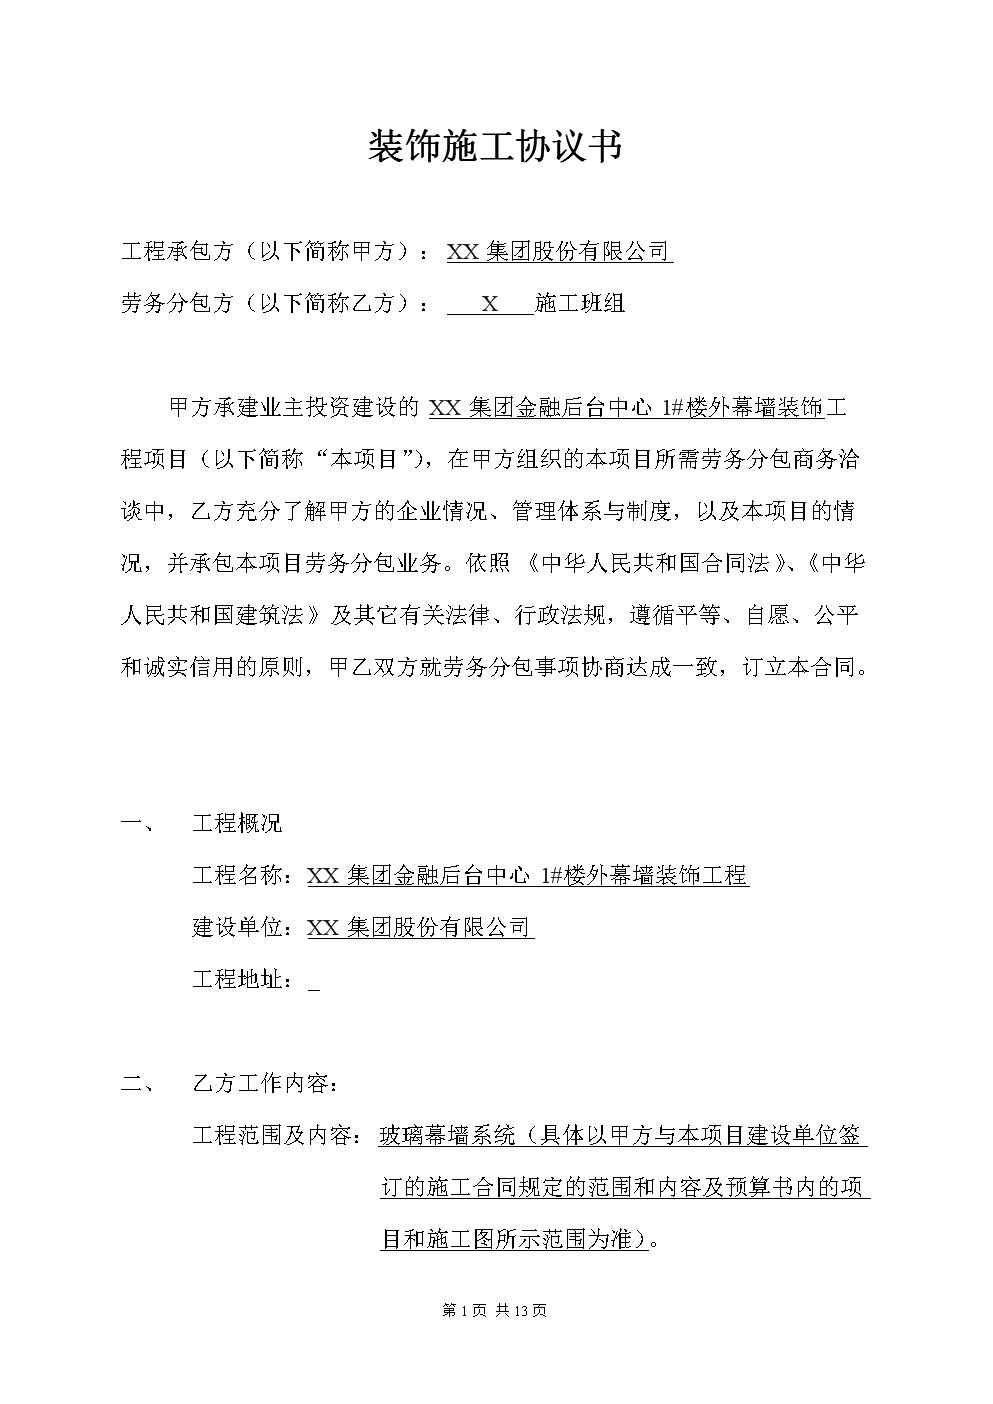 建筑公司施工班组施工合同(项目部协商后修改).doc